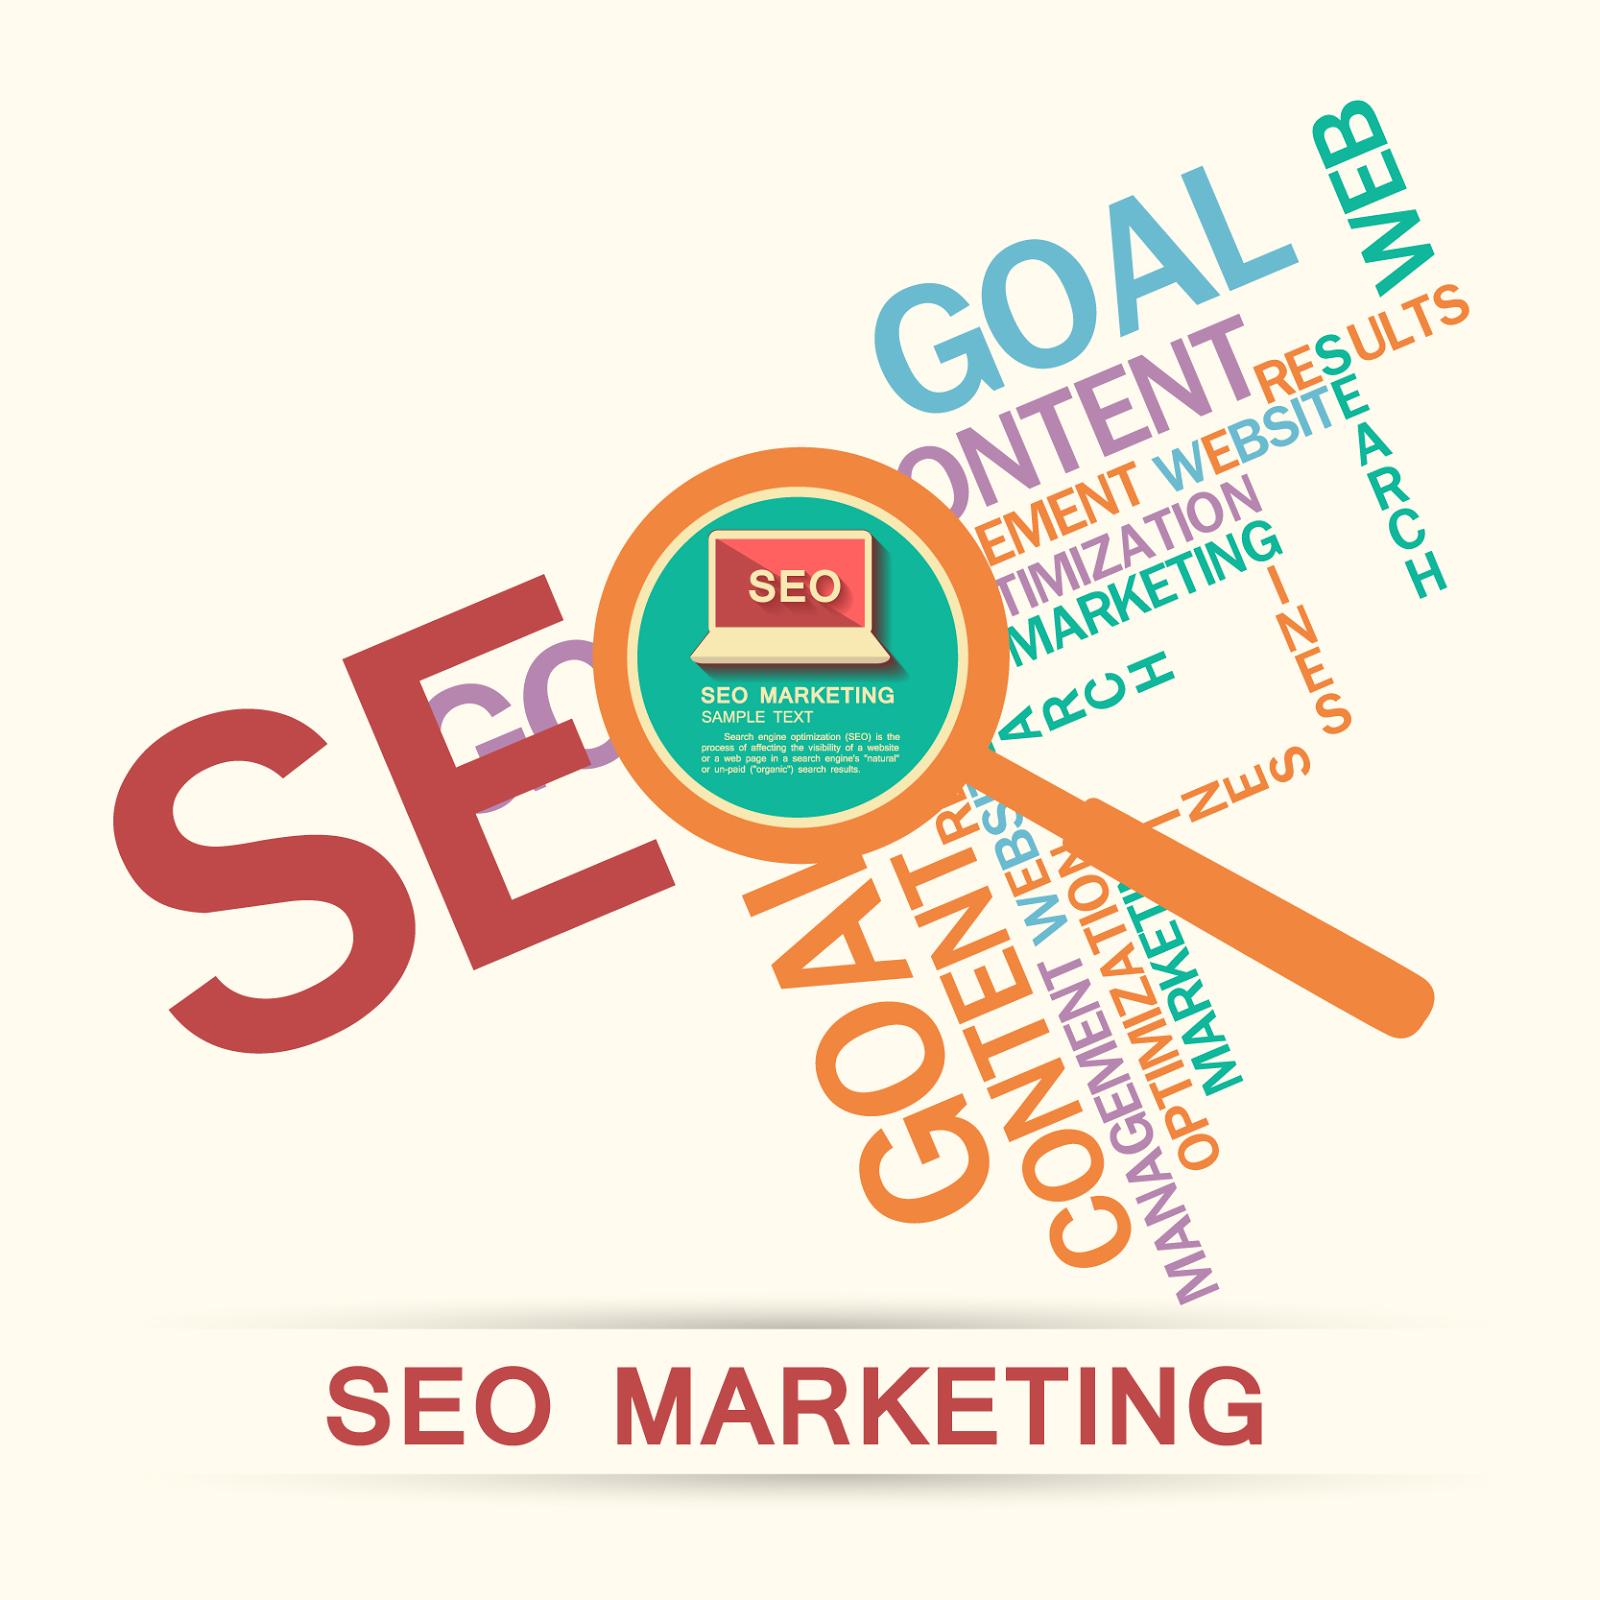 [درس] اساسيات ومفاهيم الضرورية لتحسين موقعك في محركات البحث 2015 SEO